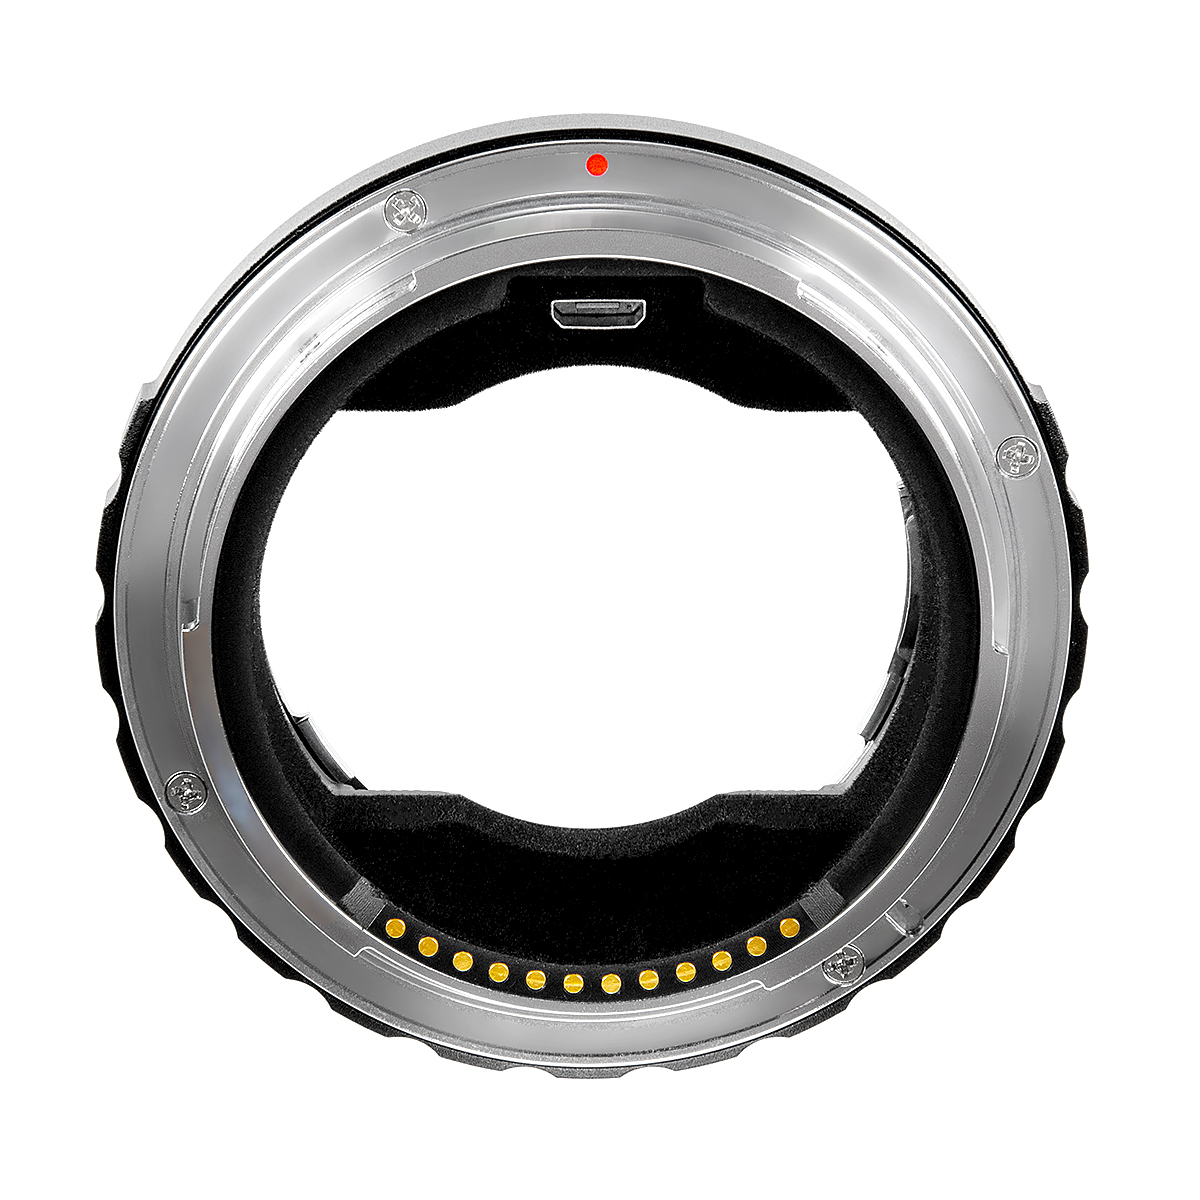 Fotodiox EF-GFX-FSN (キヤノンEFマウントレンズ → 富士フイルムGマウント変換)電子マウントアダプター  モード切り替えスイッチ搭載